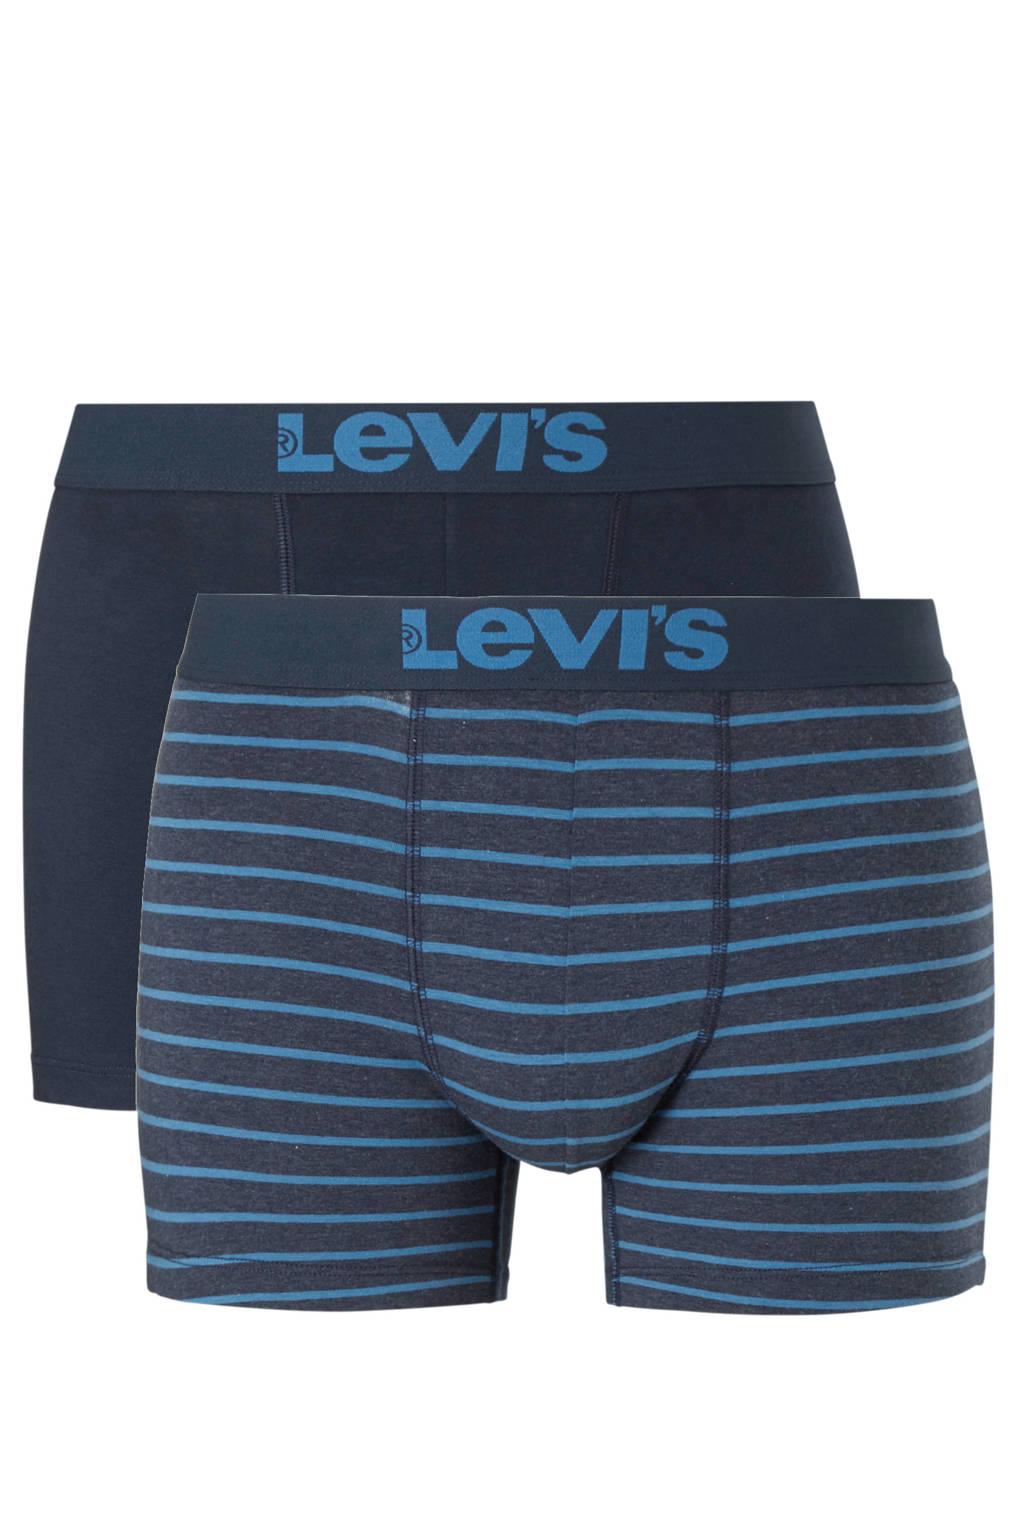 Levi's boxershort (set van 2), Zwart